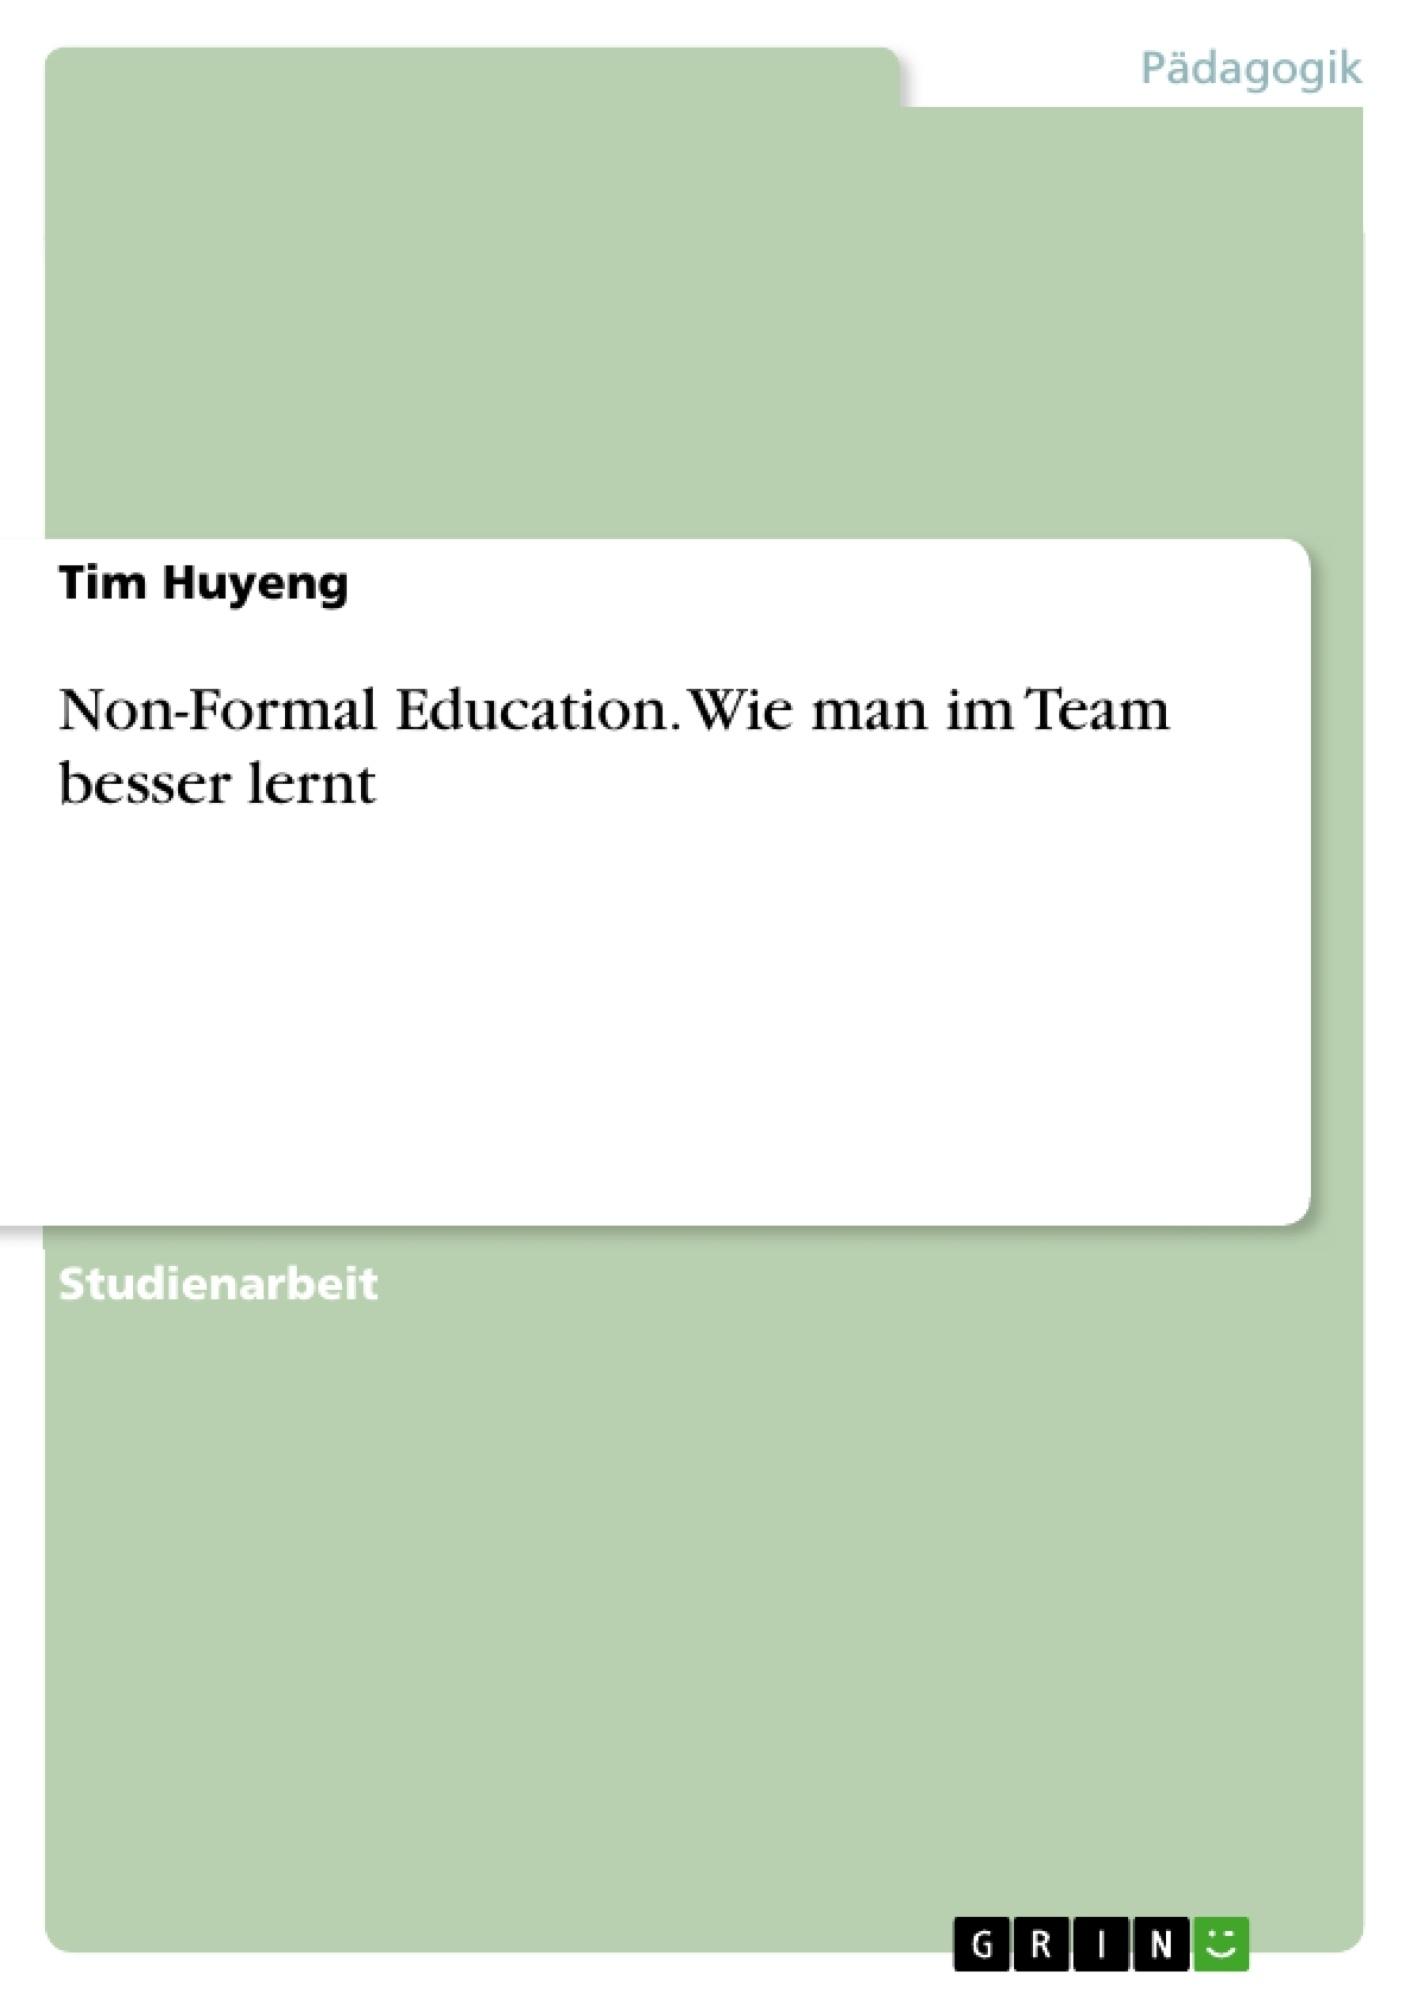 Titel: Non-Formal Education. Wie man im Team besser lernt